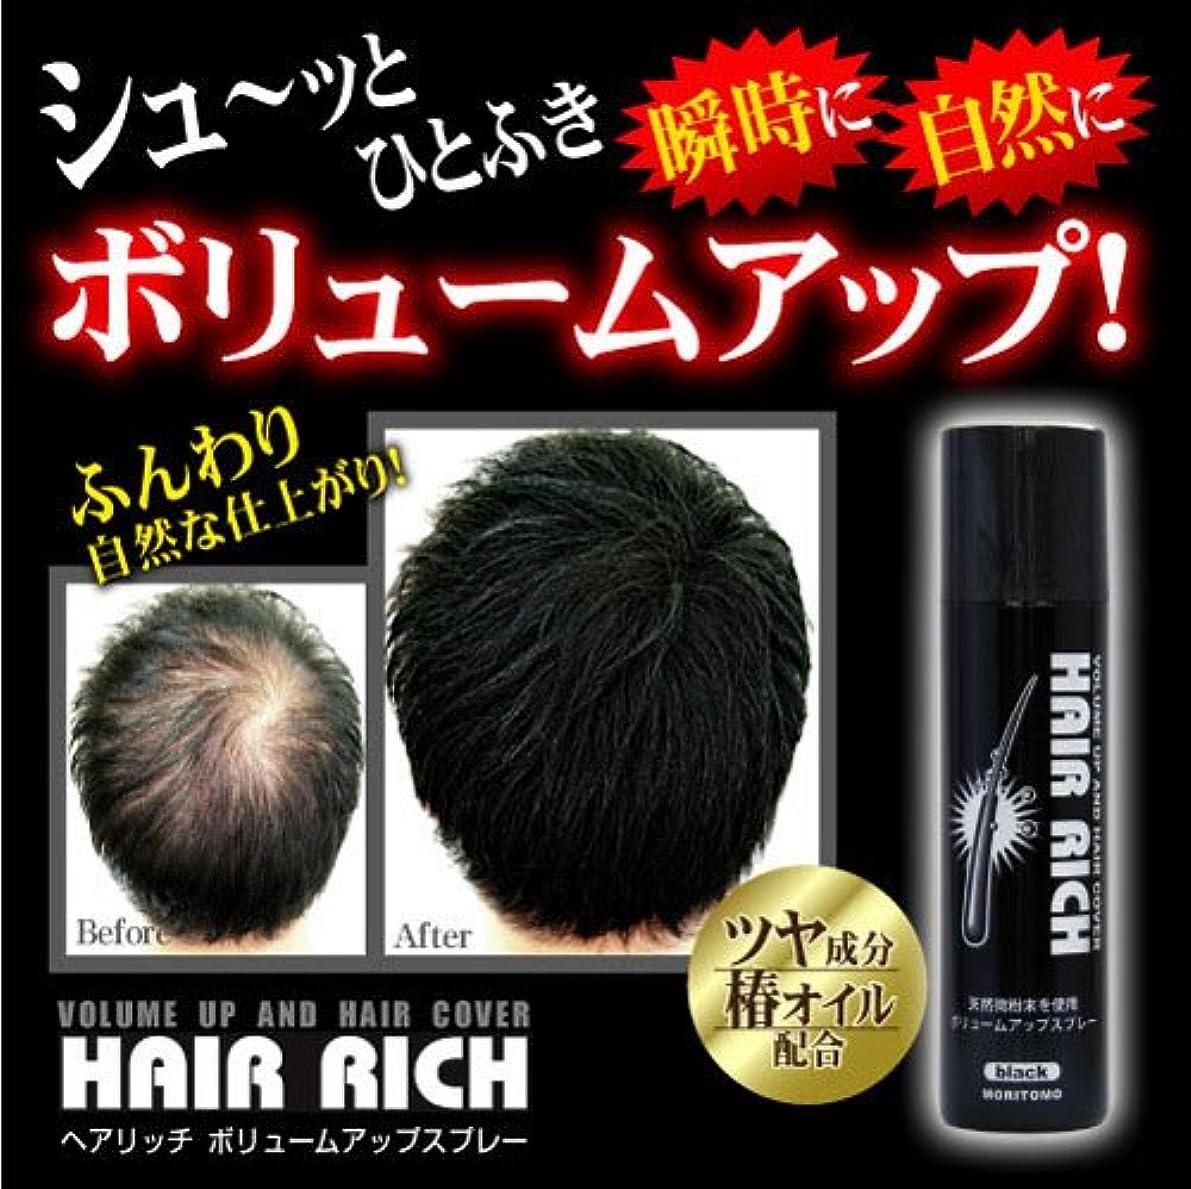 リーチ間違いルーフヘアリッチ ボリュームアップスプレー【HAIR RICH】 育毛剤 発毛剤 増毛剤 増毛 スプレー